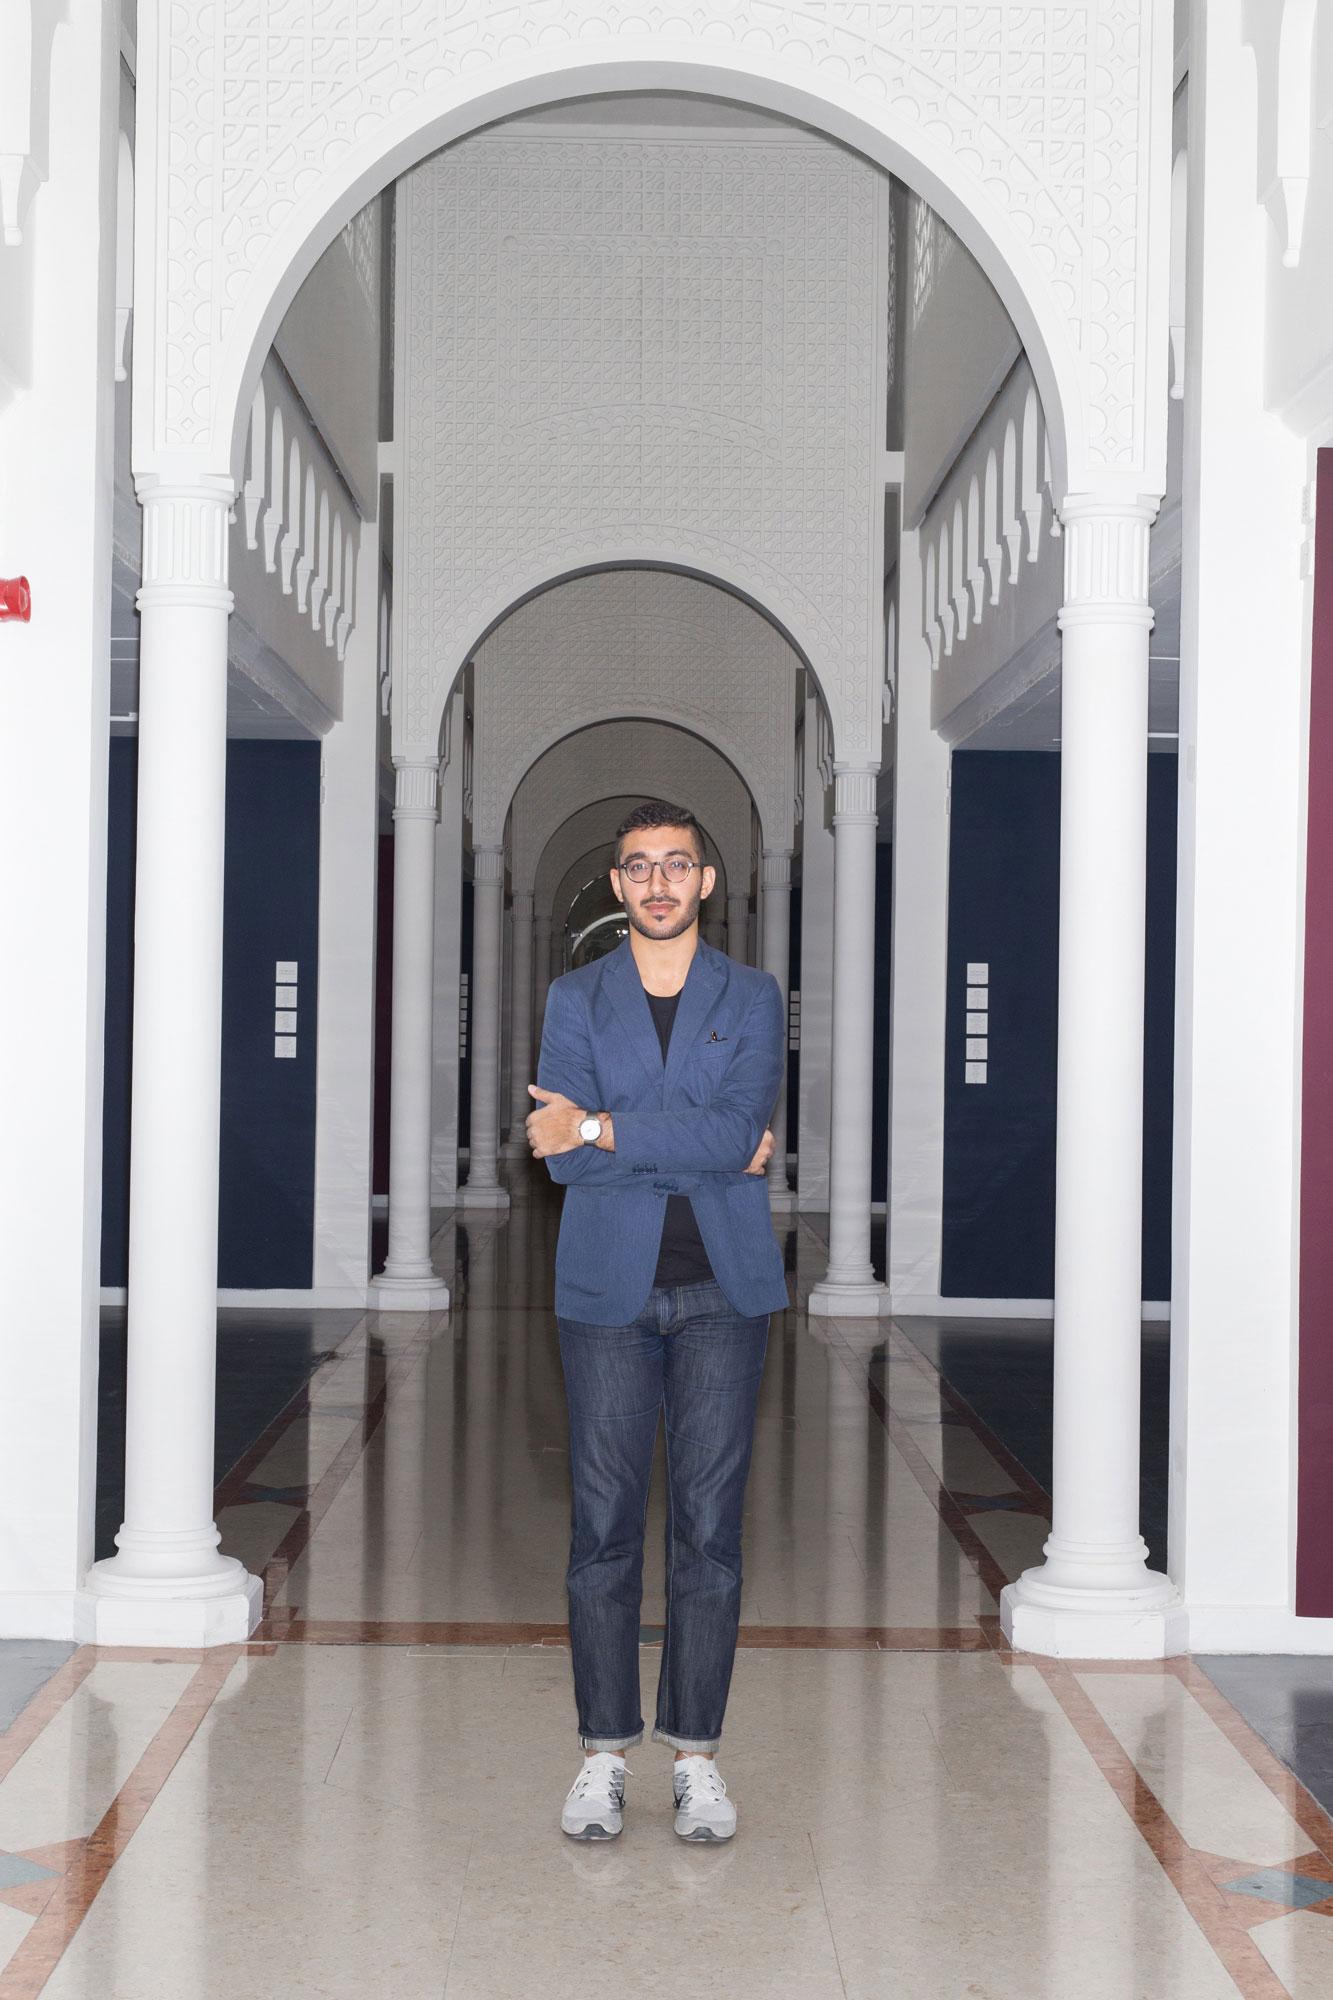 Karim Sultan, curator at Barjeel Art Foundation